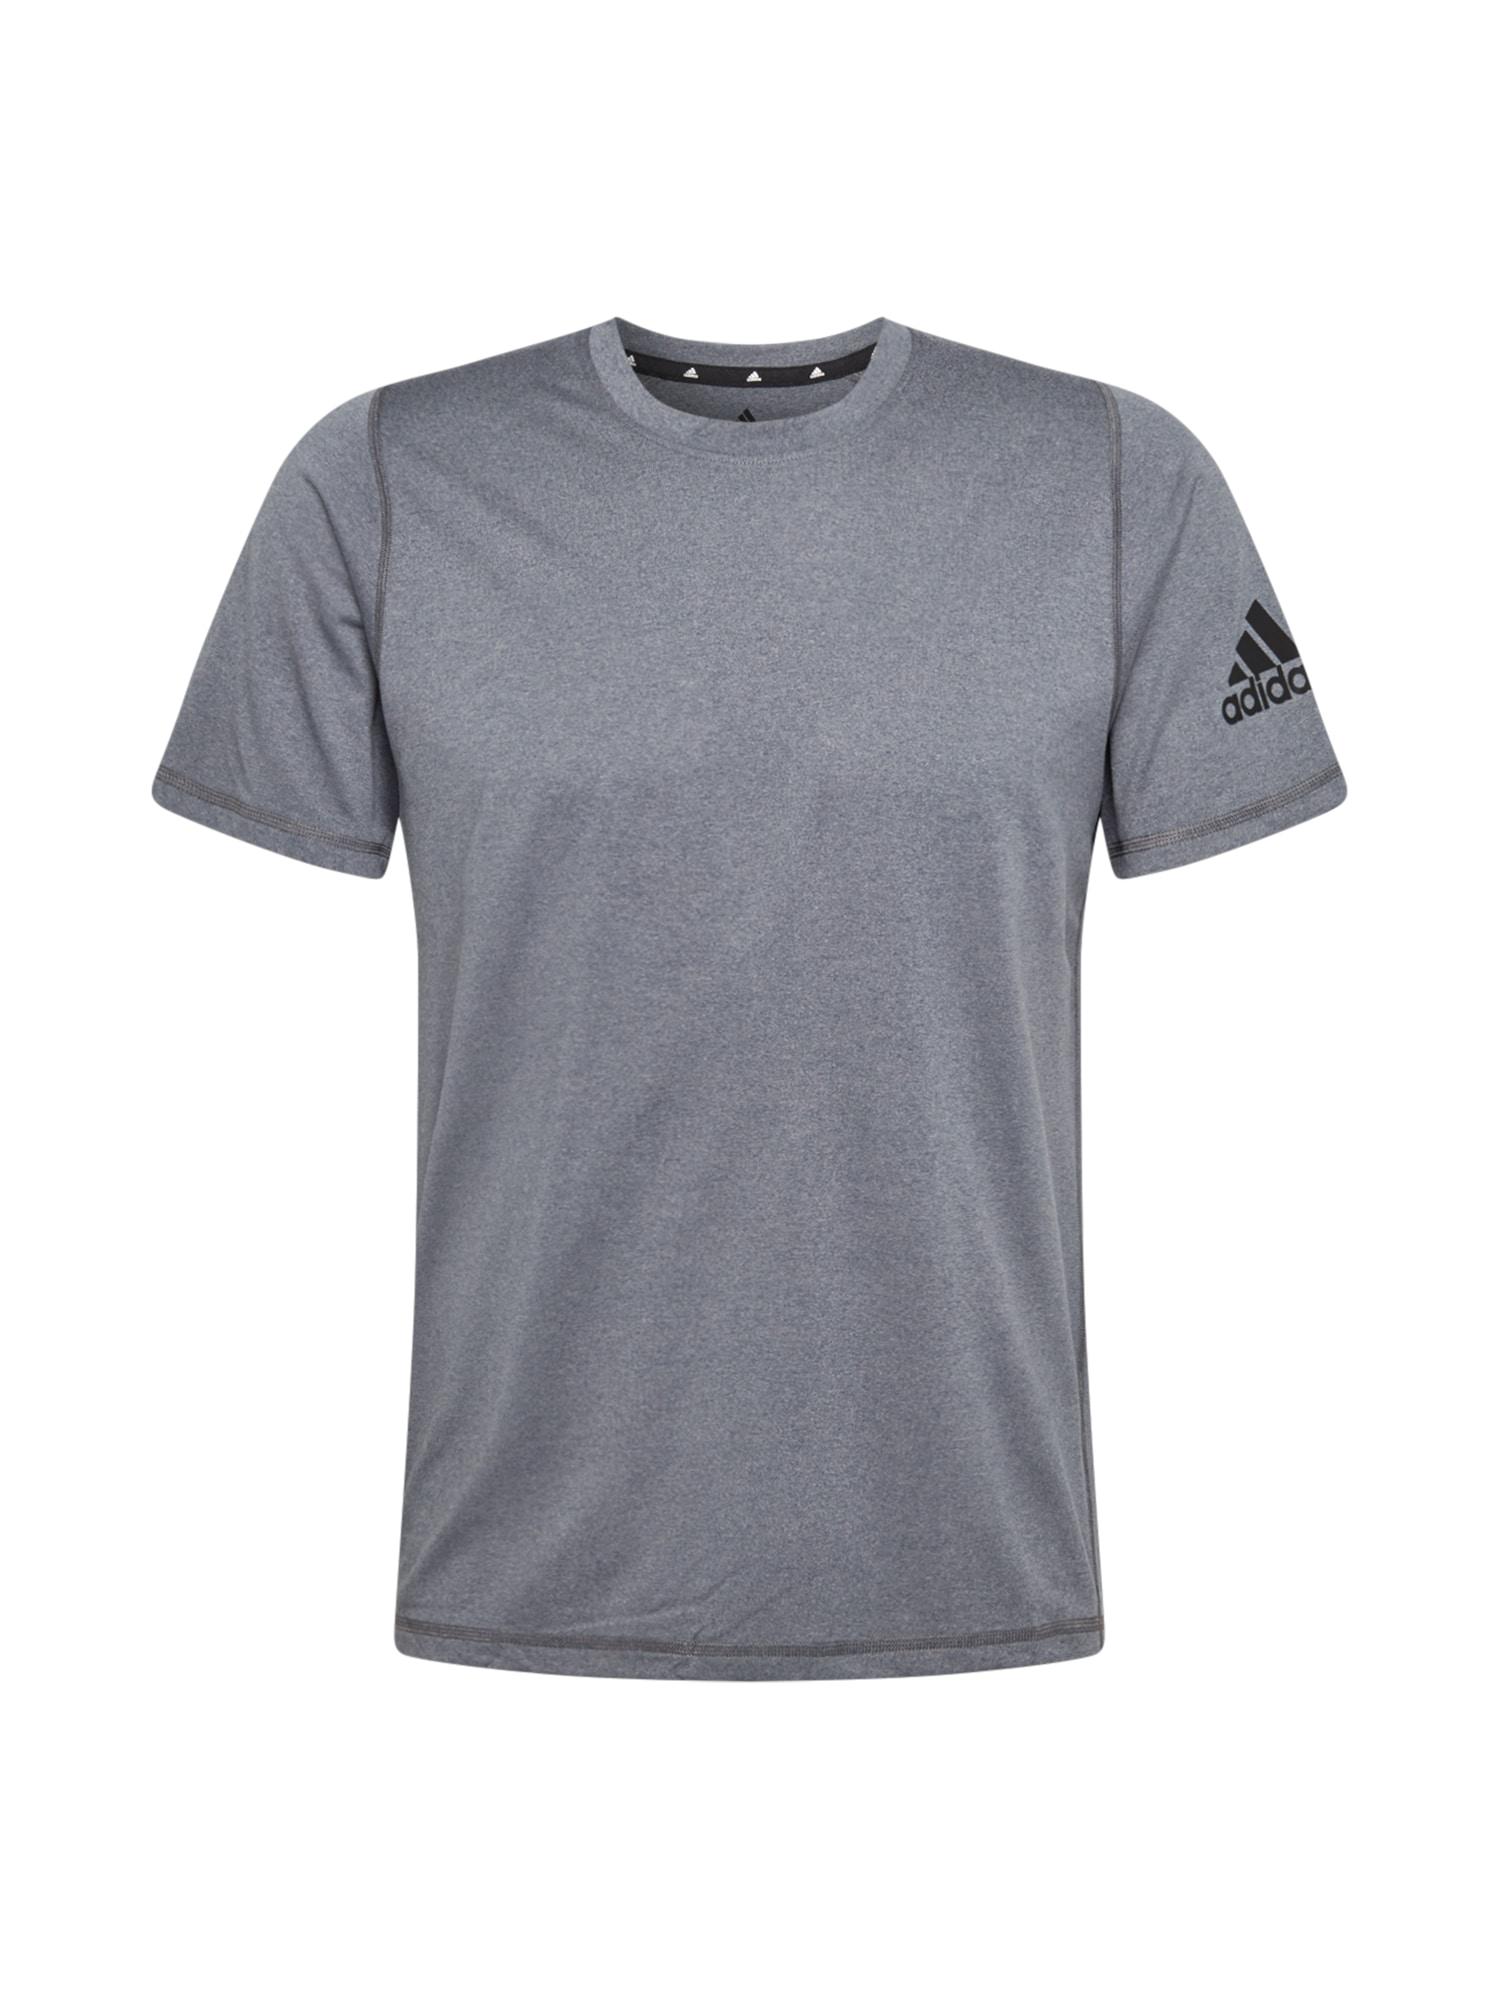 ADIDAS PERFORMANCE Funkční tričko  kouřově modrá / čedičová šedá